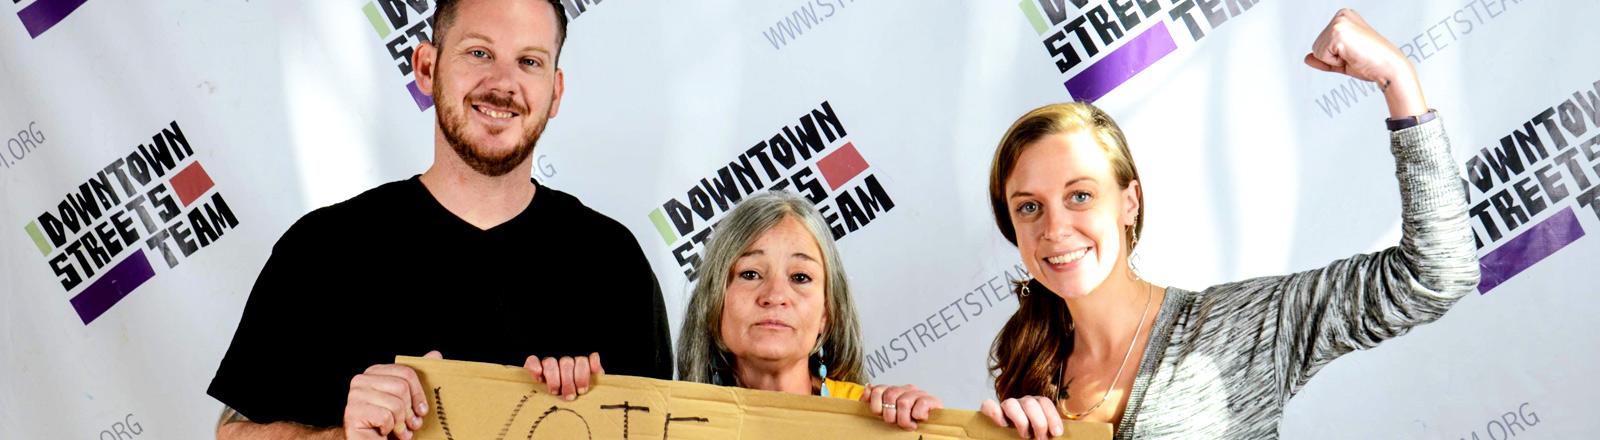 Aktivisten für das Affordable Housing Project